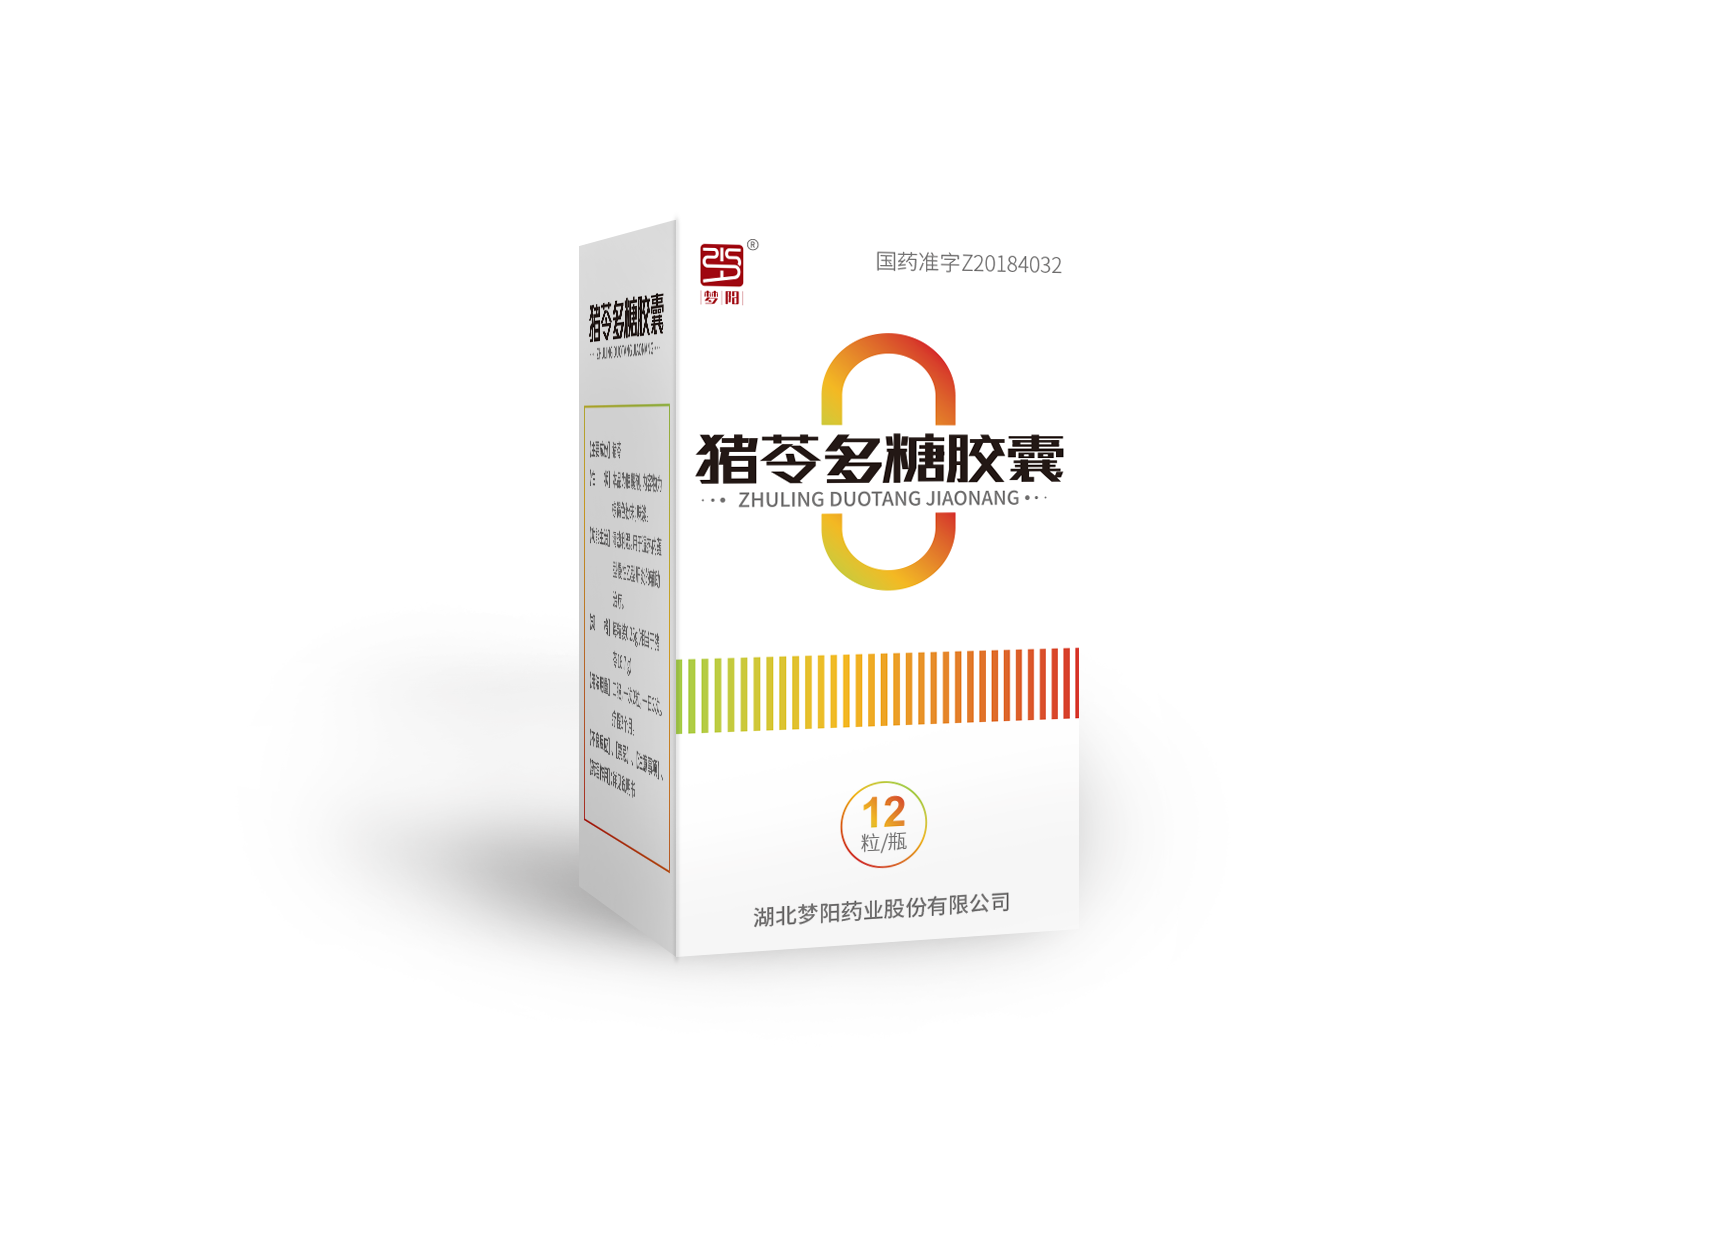 猪苓多糖胶囊(国家新医保品种 ● 独家生产)